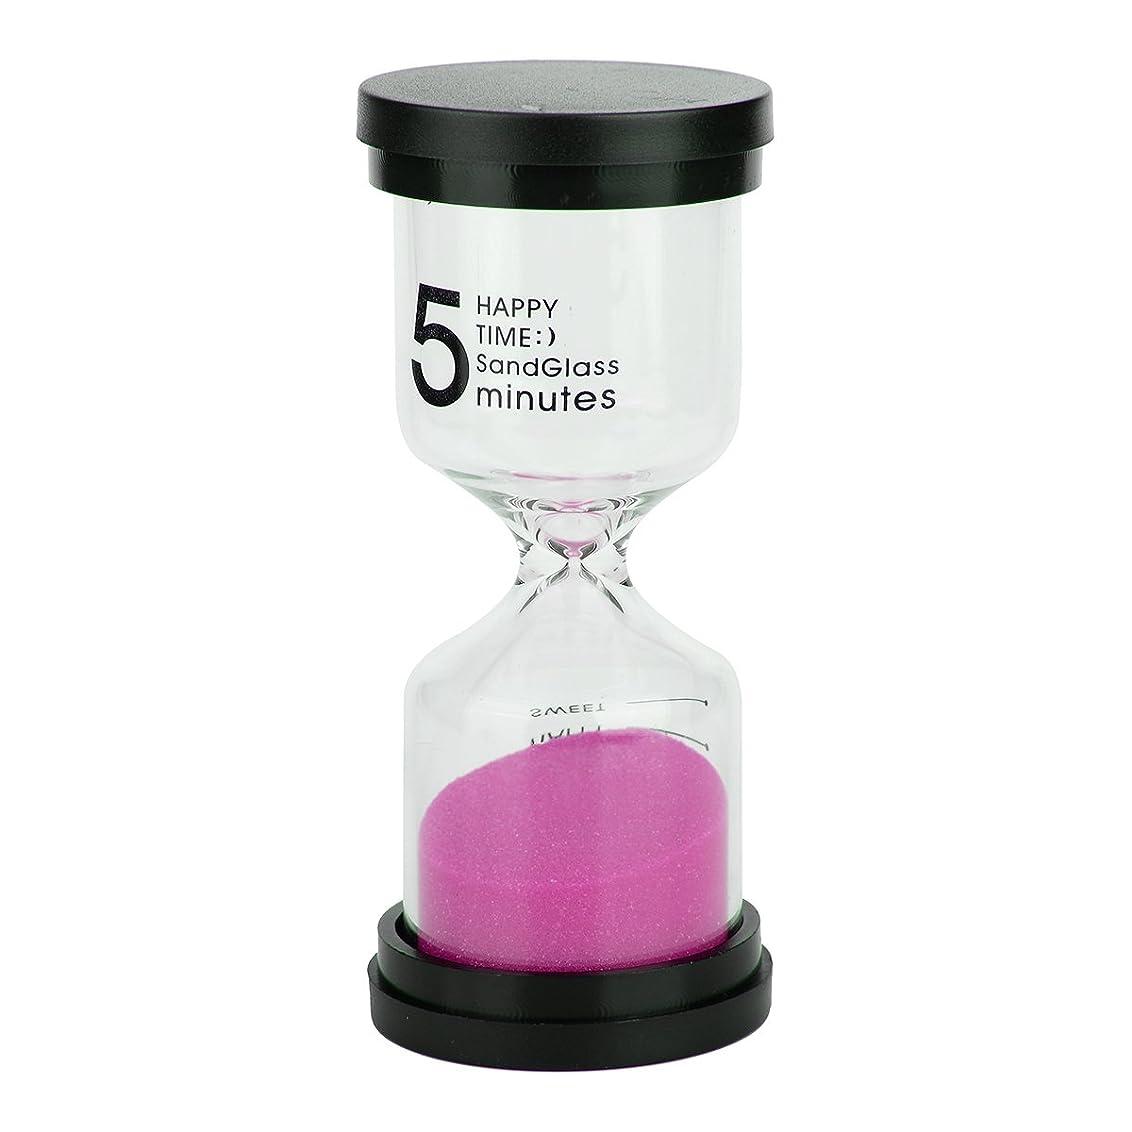 分析に同意するナラーバー砂時計 インテリアタイマー 目盛り 砂タイマー カラフル 小テスト ゲーム 料理 お風呂 タイマー プレゼント 贈り物 5分